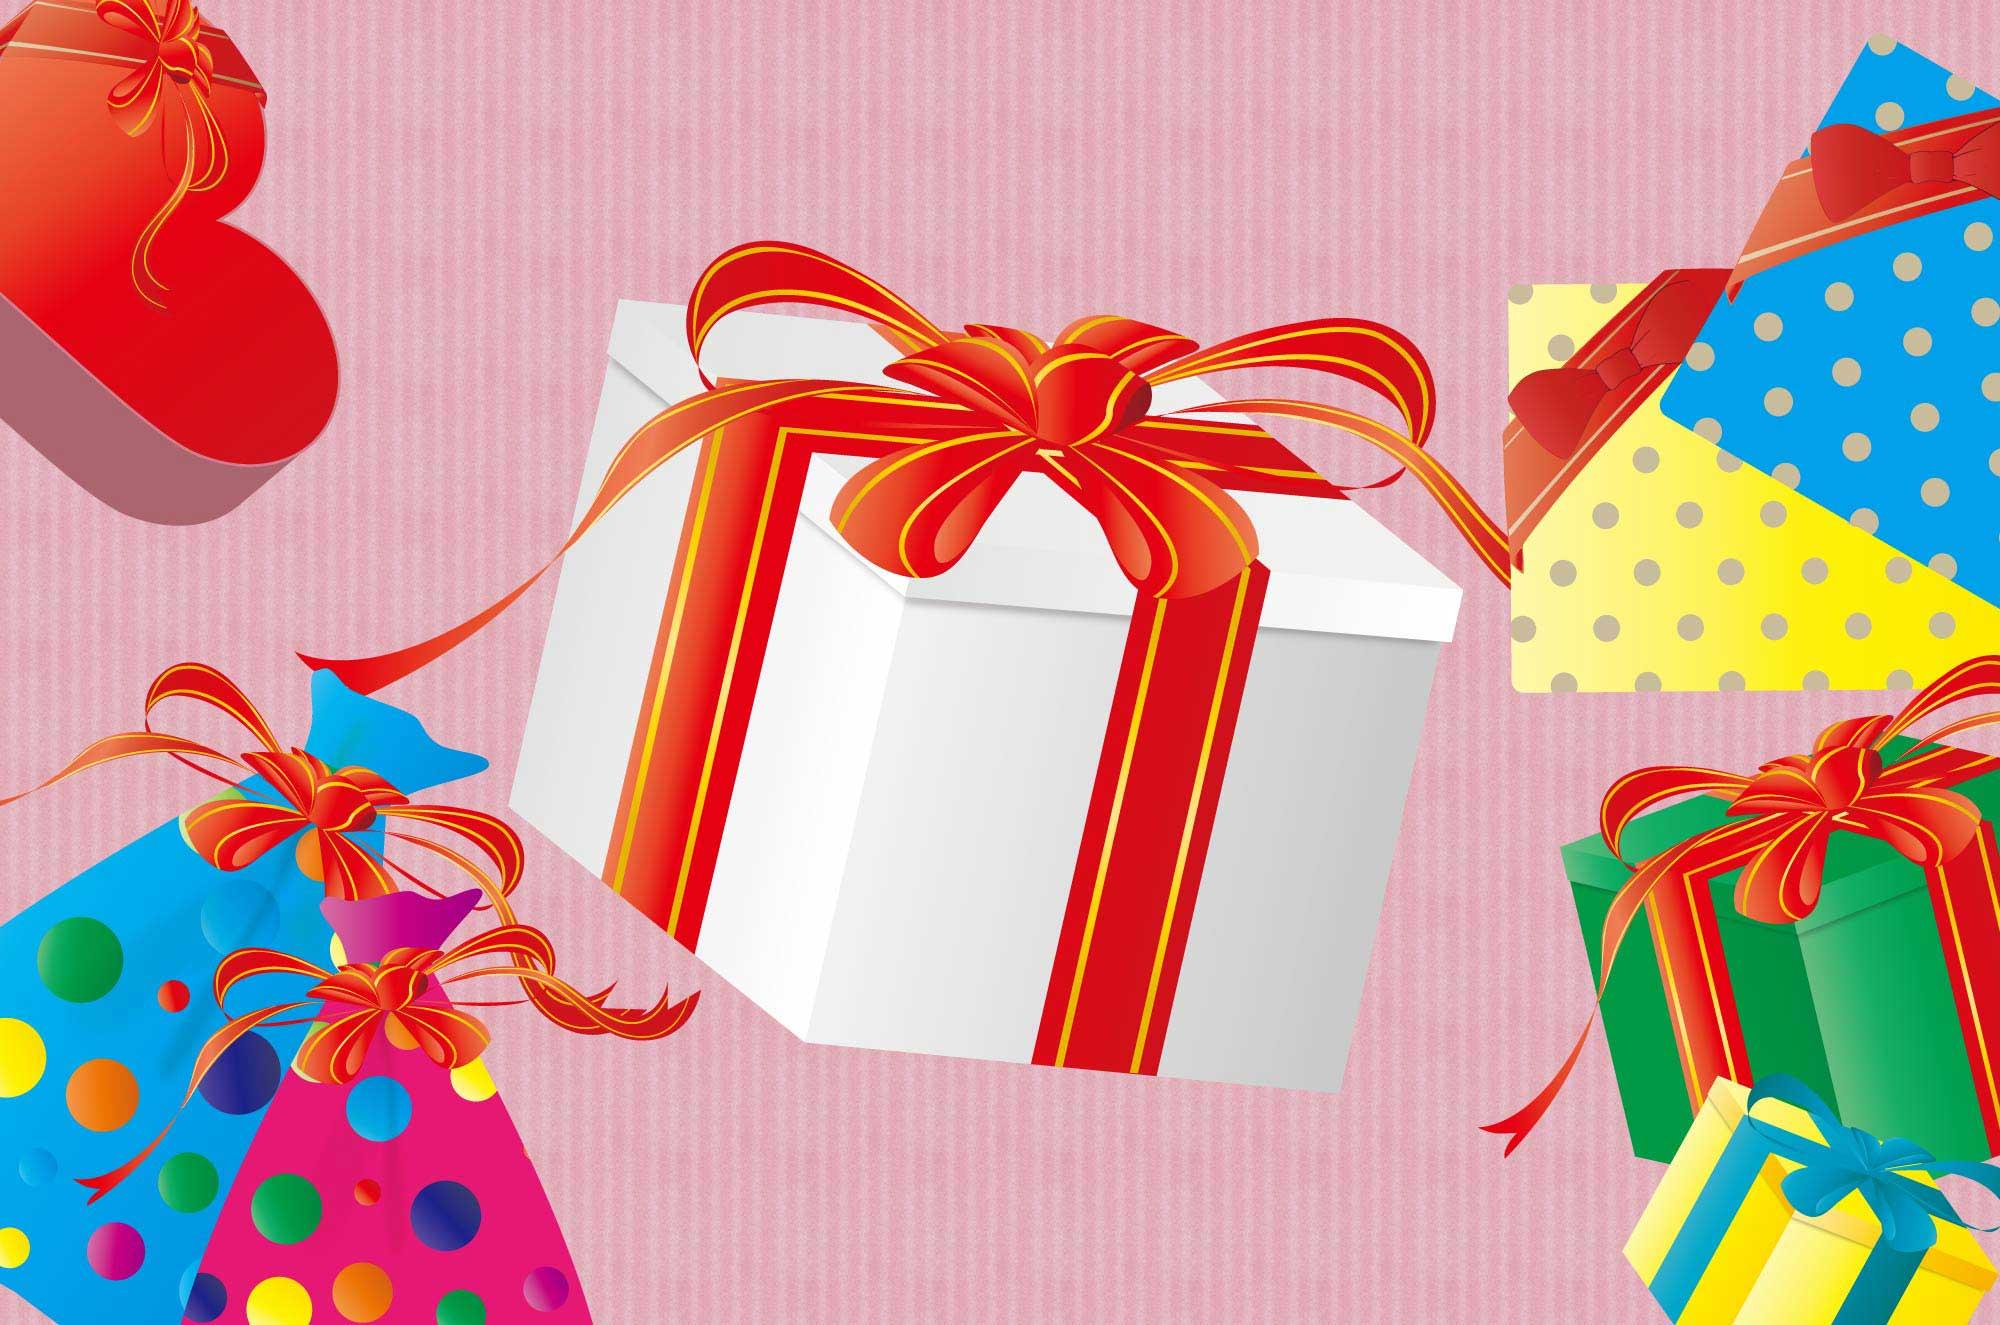 プレゼントのイラスト - 楽しいイベントのフリー素材 - チコデザ